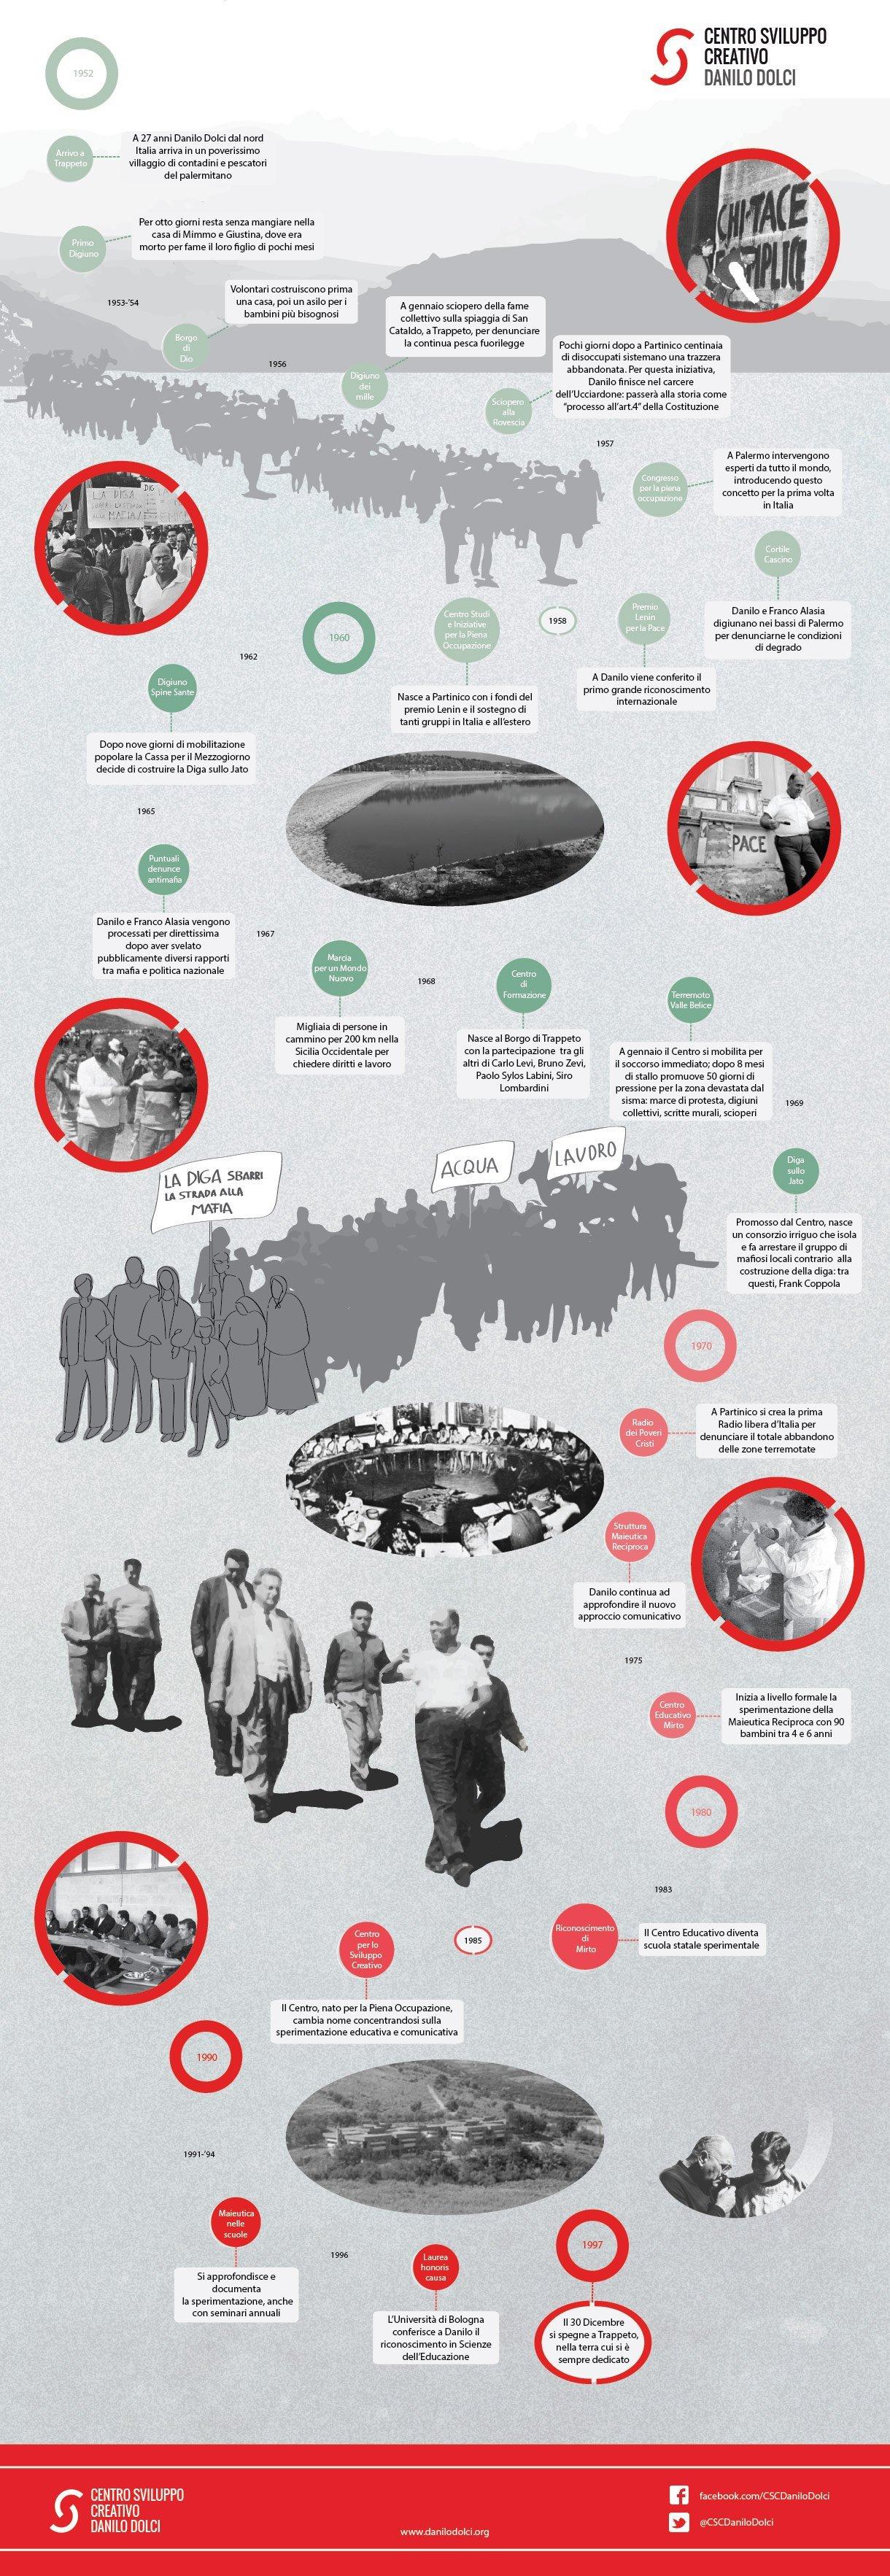 infografica_vita_danilodolci